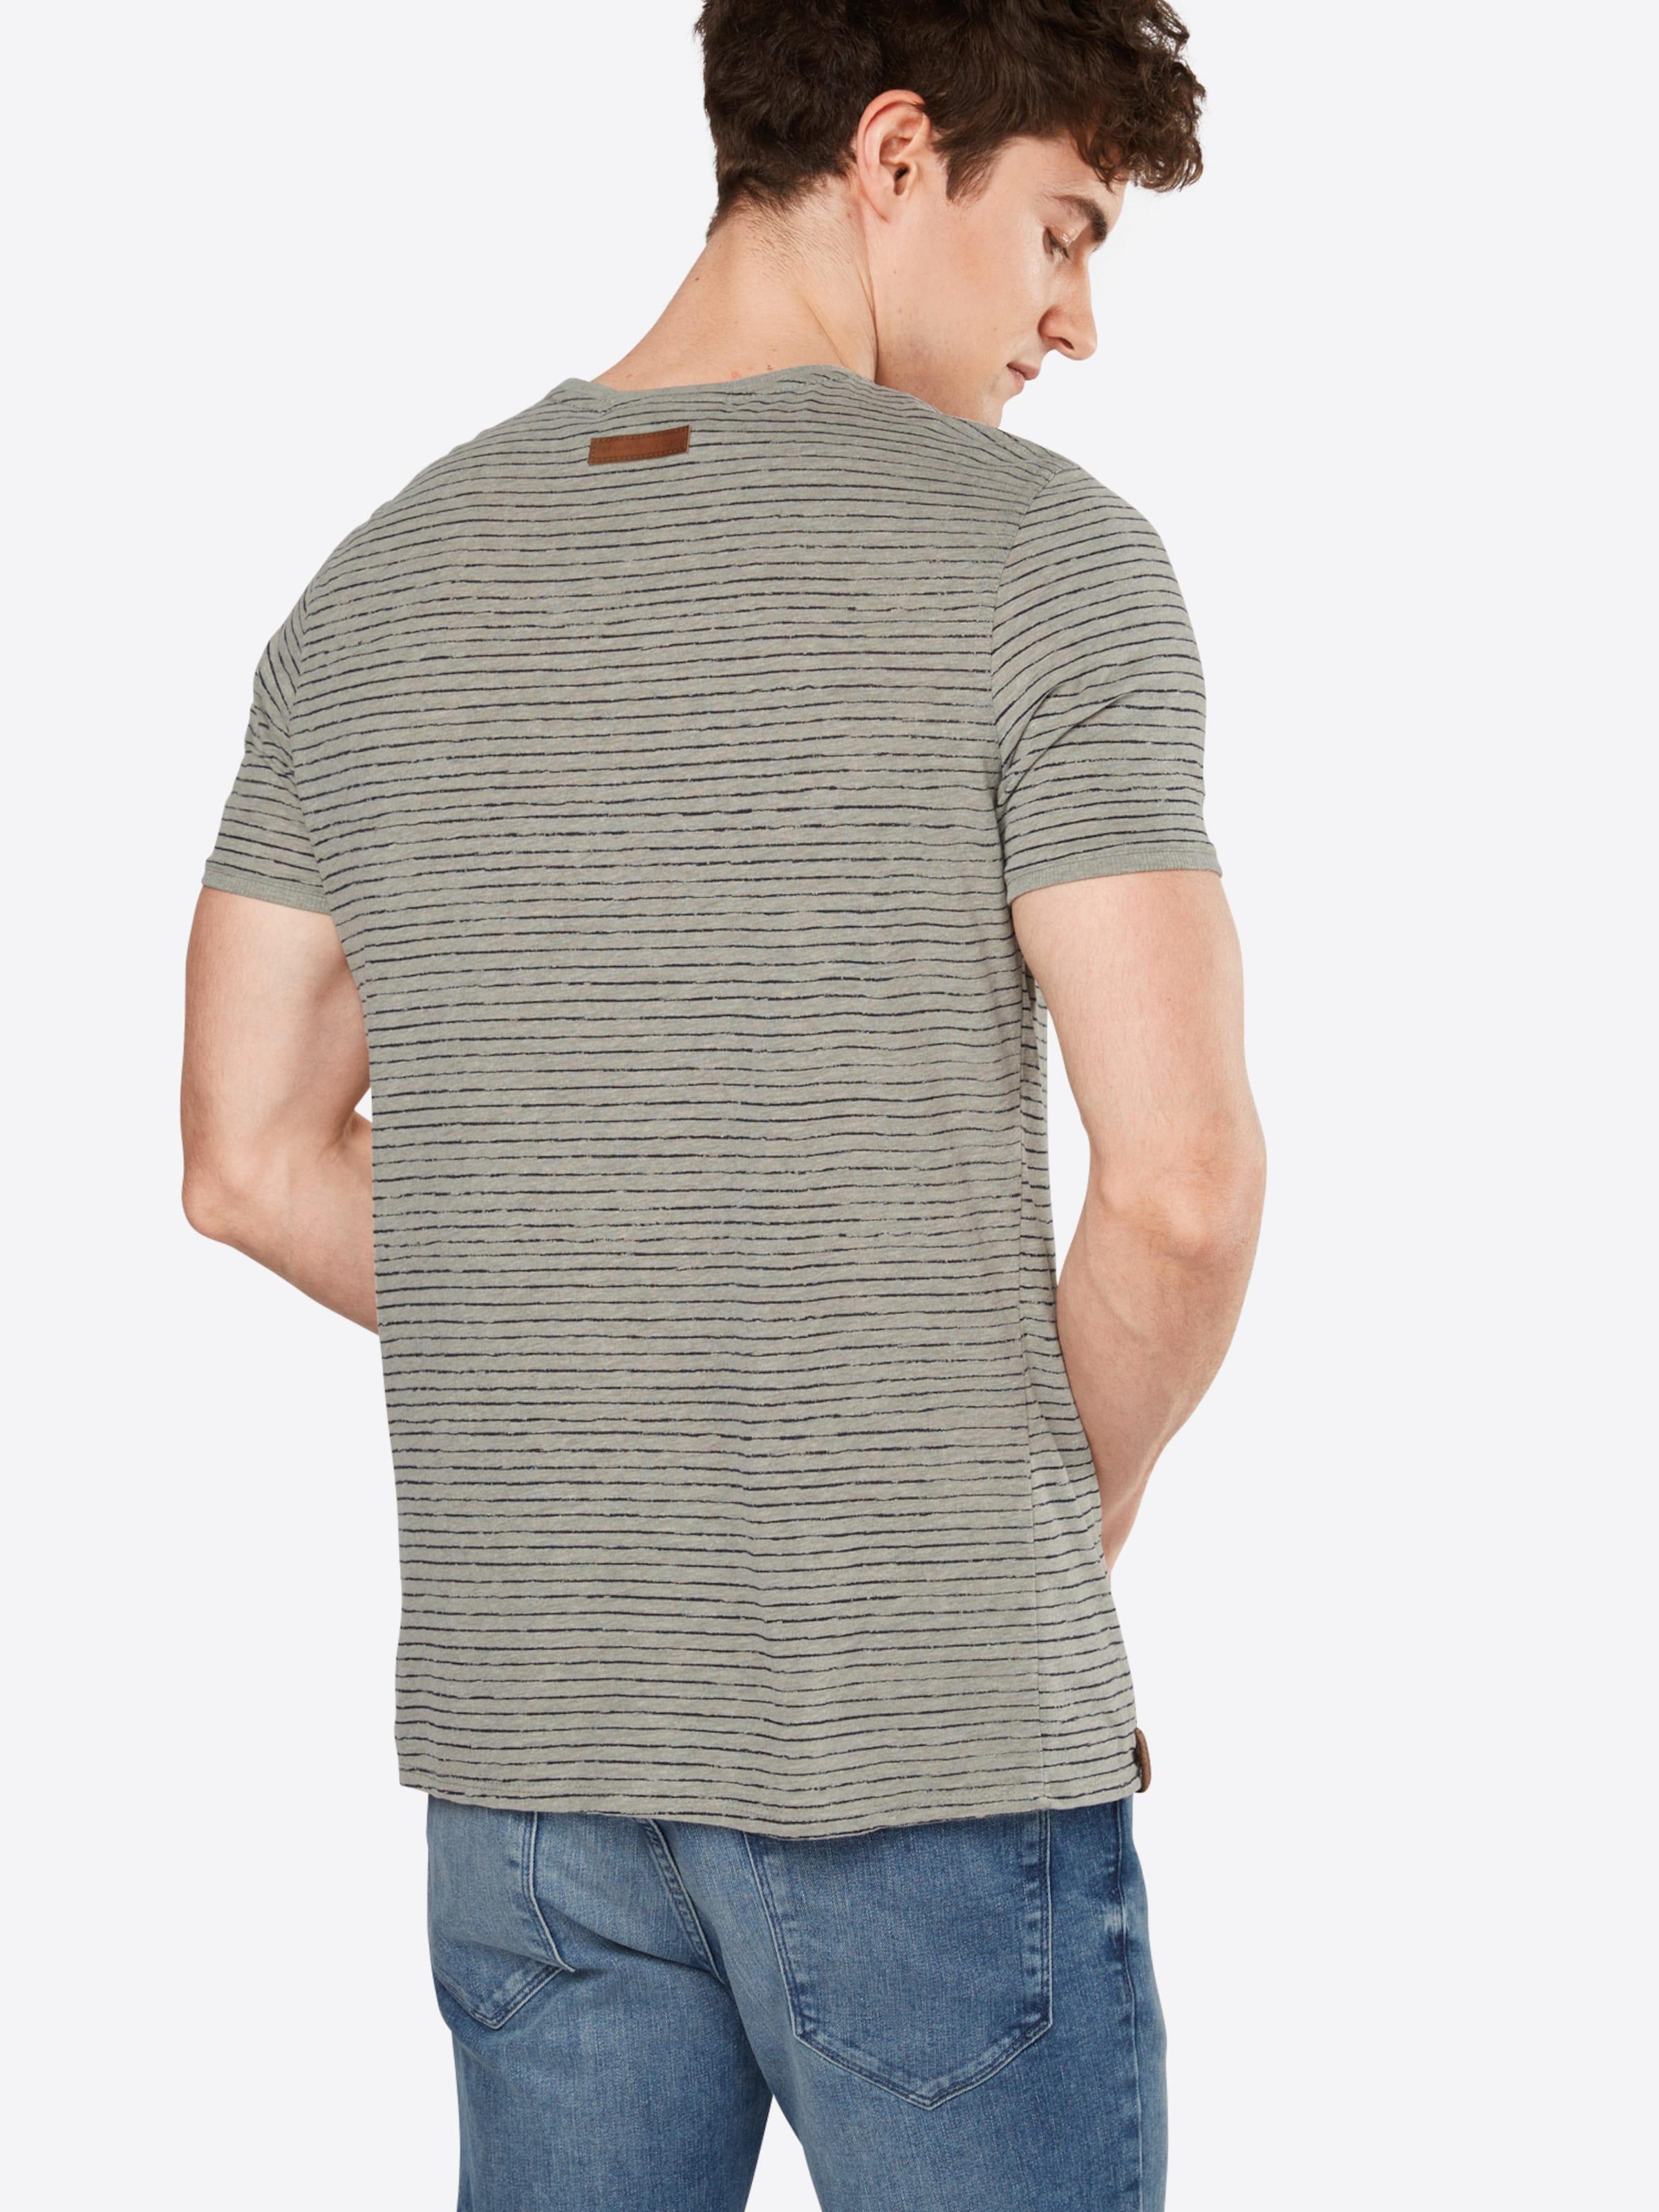 naketano Male T-Shirt Visa-Zahlung Online Verkauf Wiki Rabatt Für Billig QEcCx2bhR2